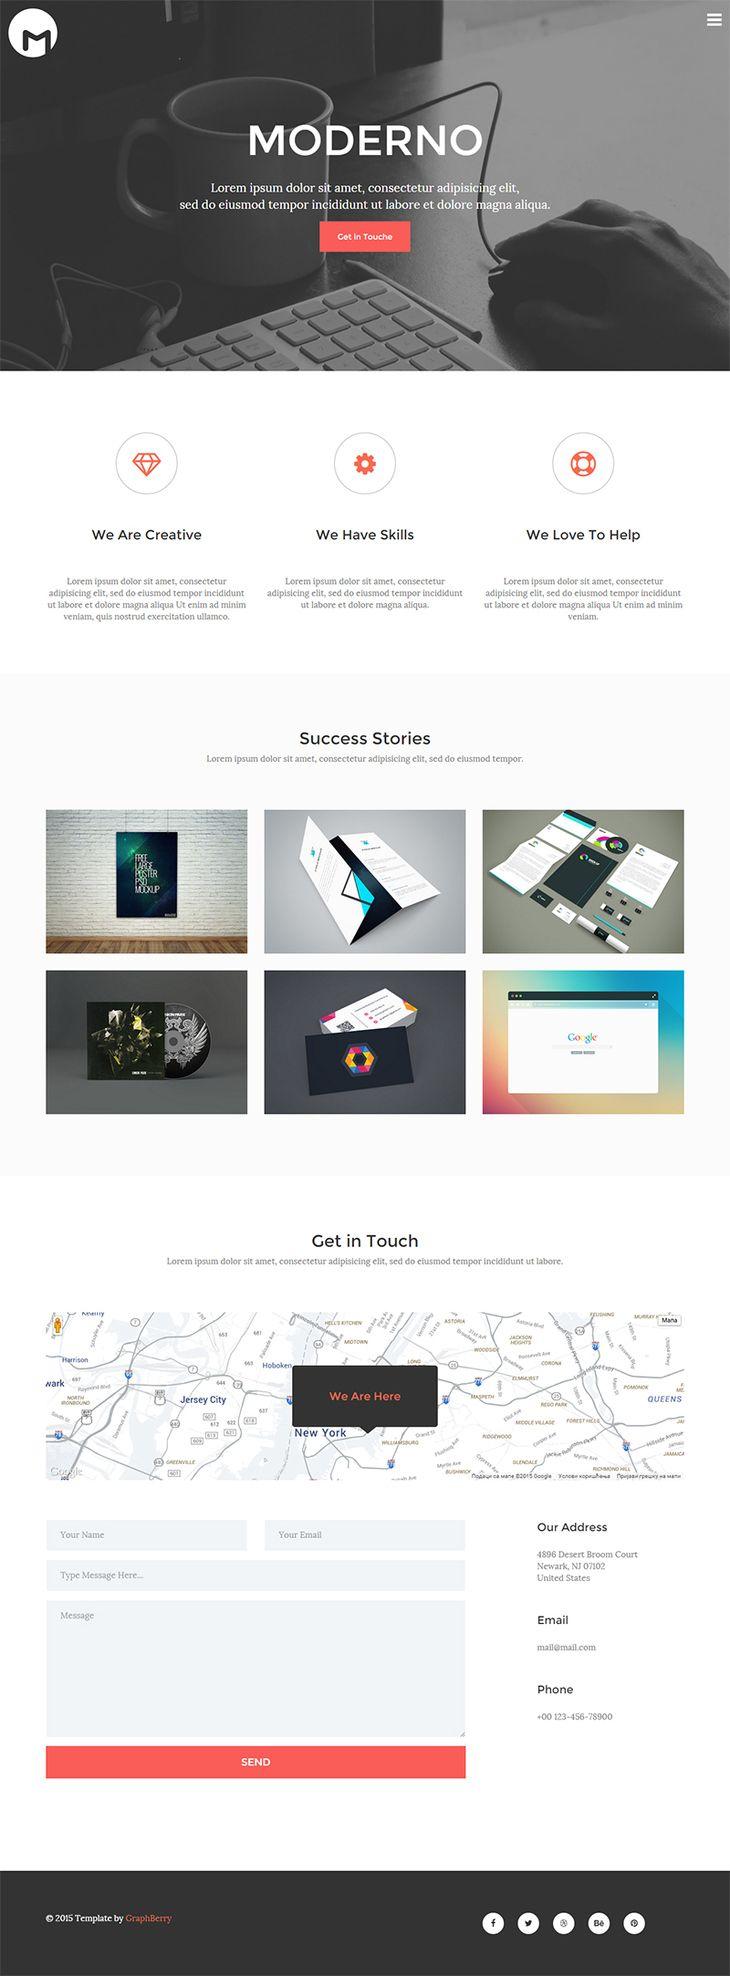 Die 570 besten Bilder zu webdesign auf Pinterest | Startseiten ...